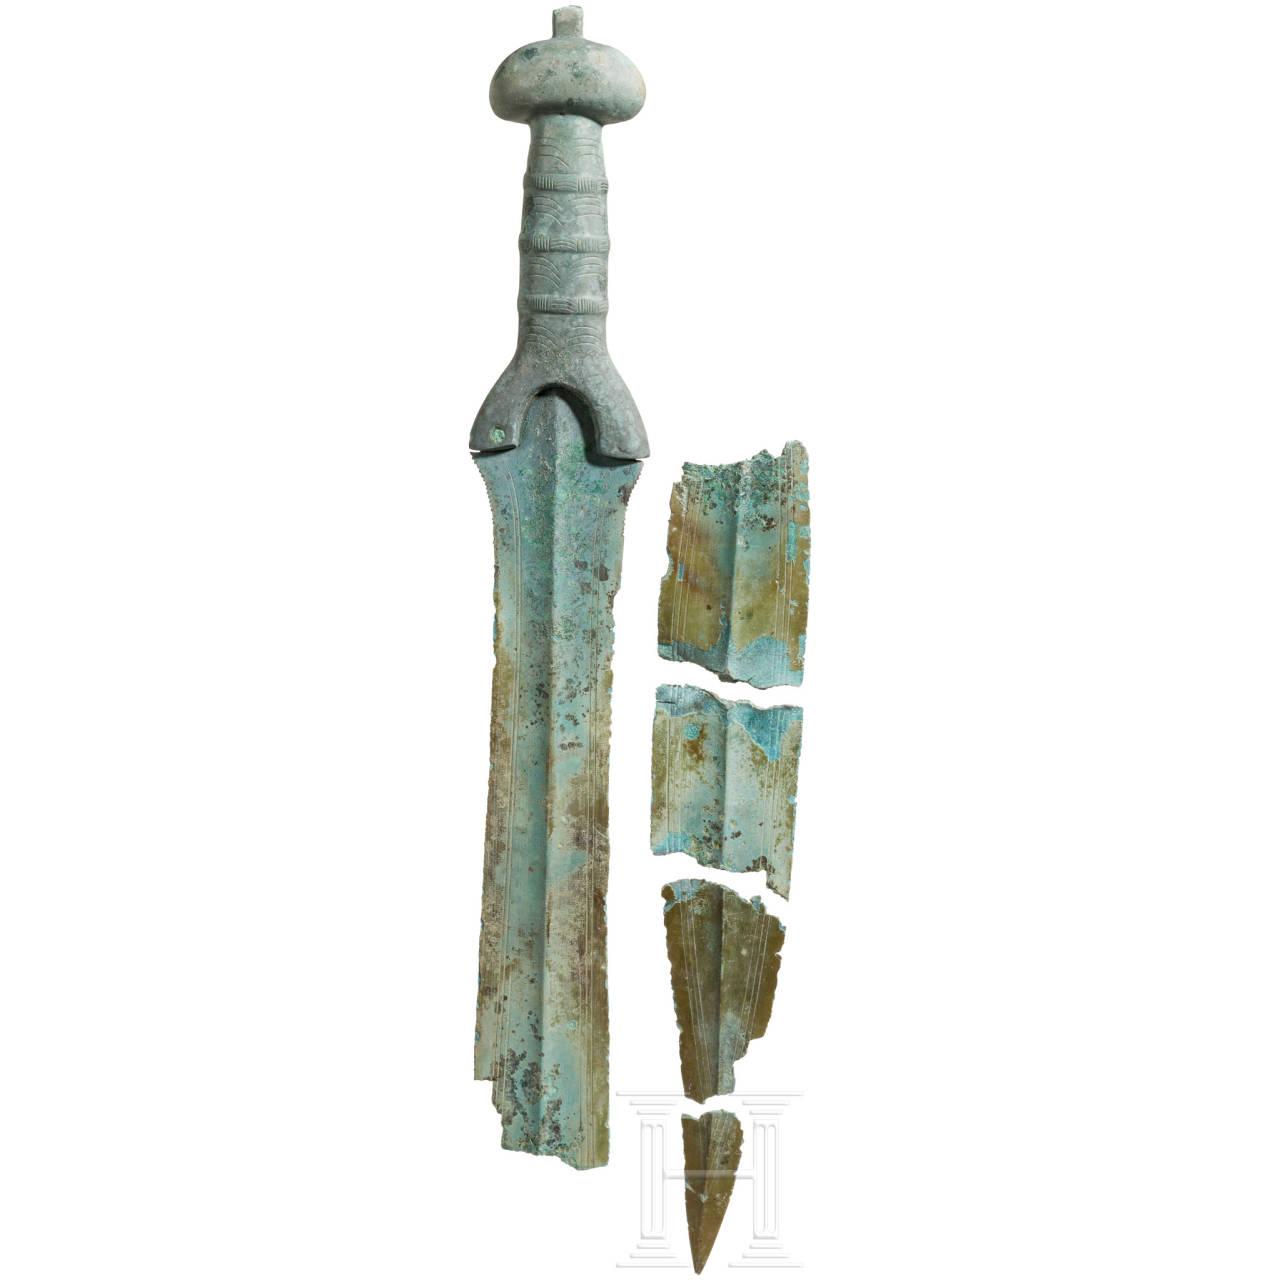 Bronzenes Dreiwulstschwert mit Rundknauf, Mitteleuropa, Spätbronzezeit, 11. - 10. Jhdt. v. Chr.